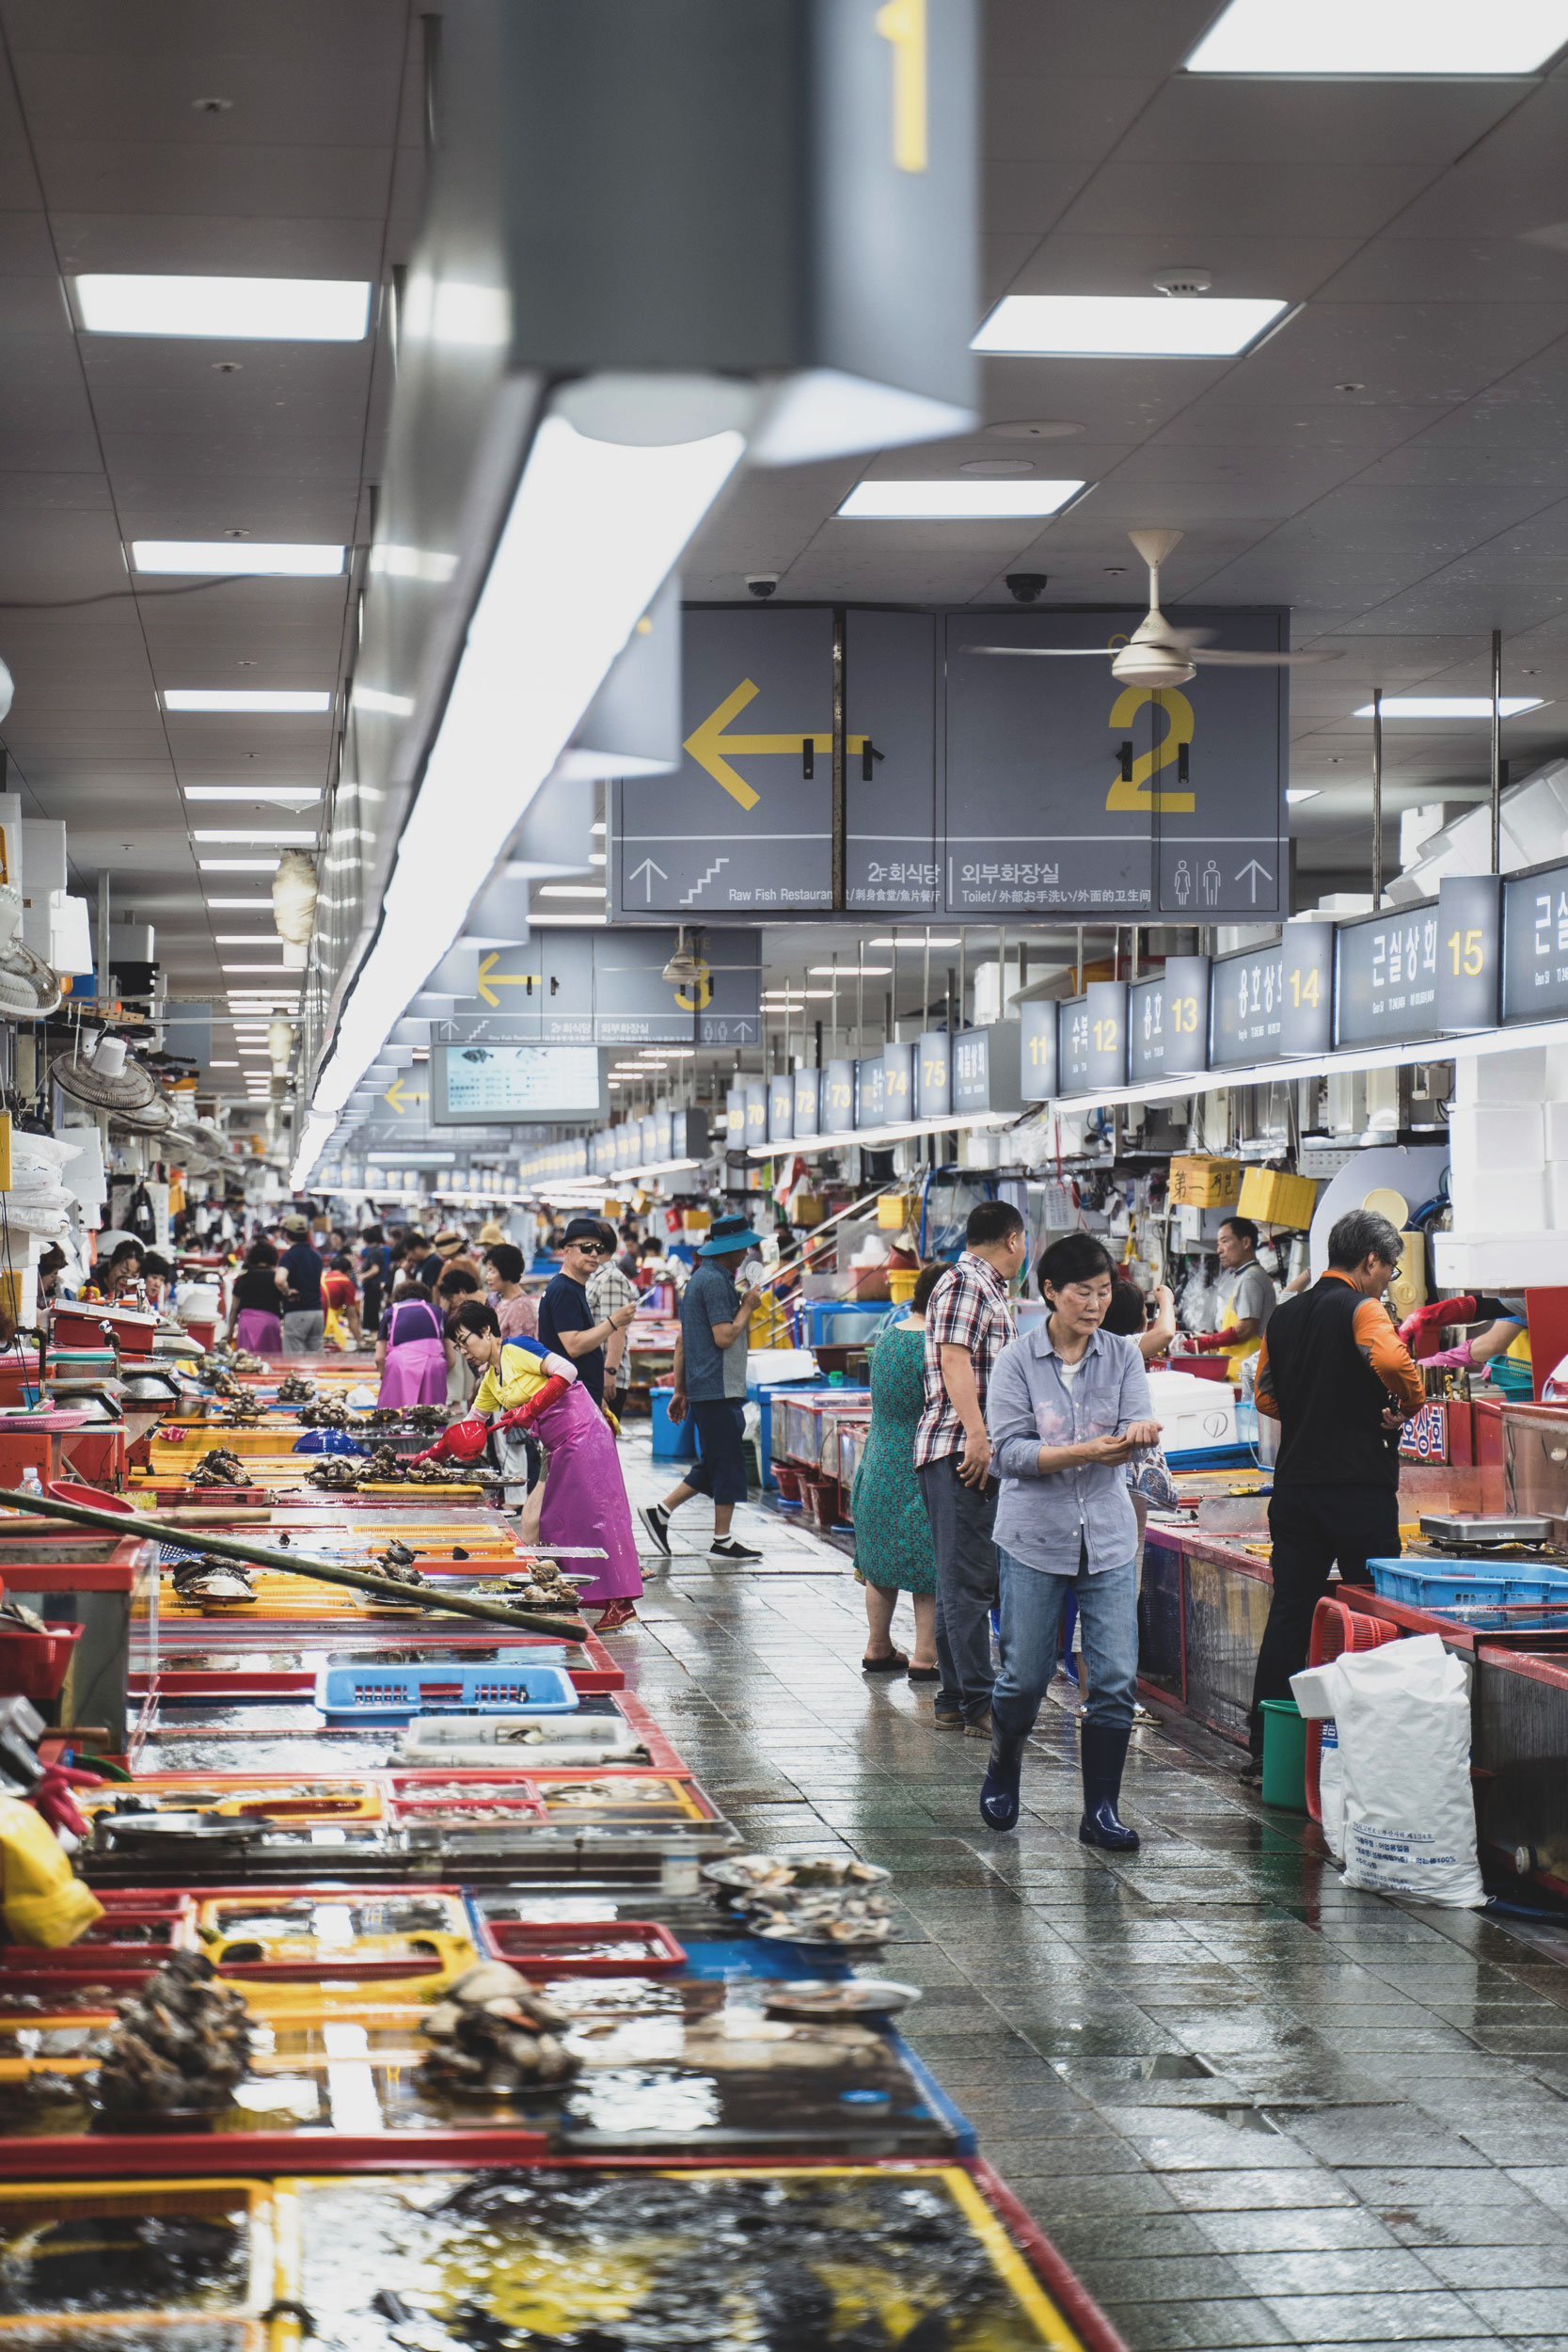 busan-41-jagalchi-market.jpg